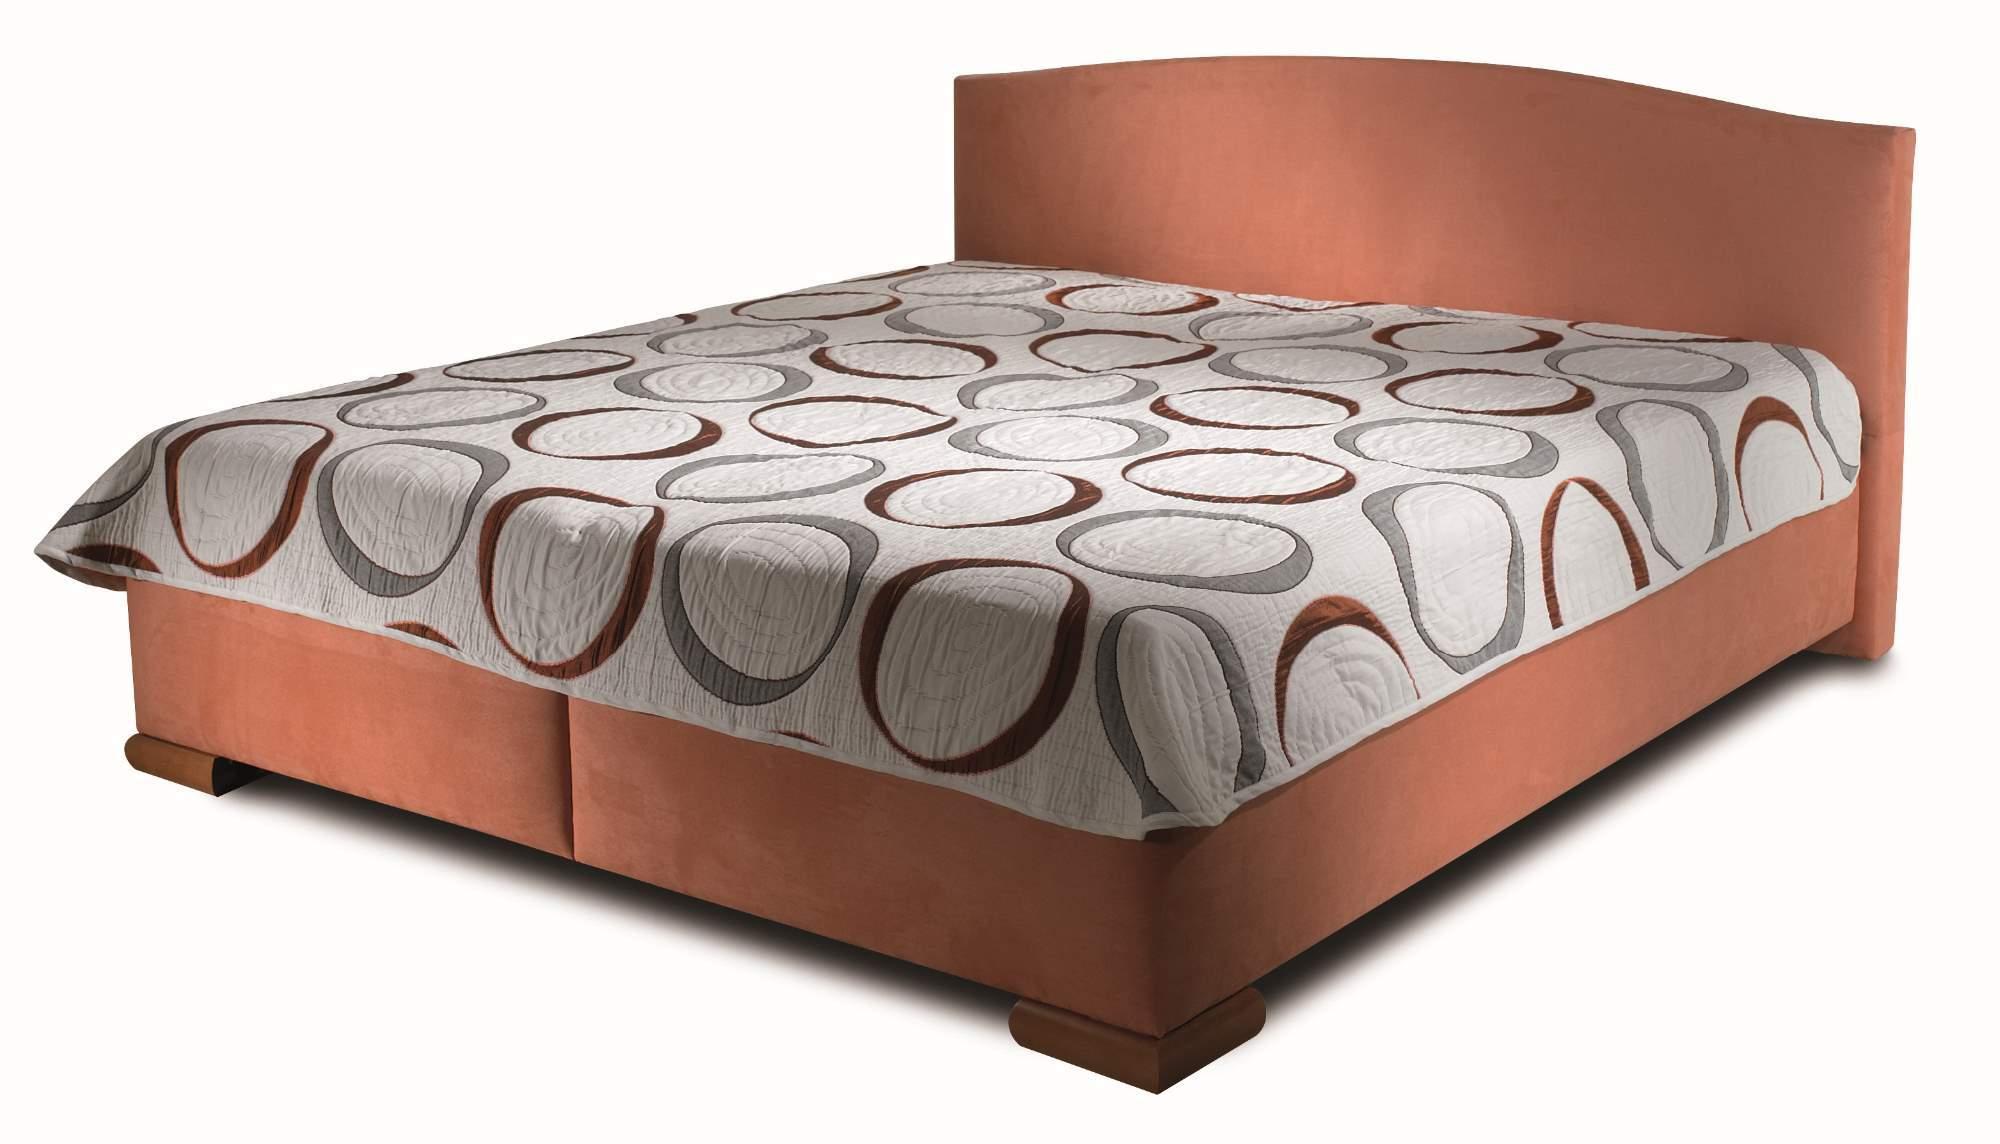 ArtND Manželská posteľ Barbara 180 Varianta: s roštom / bez matraca